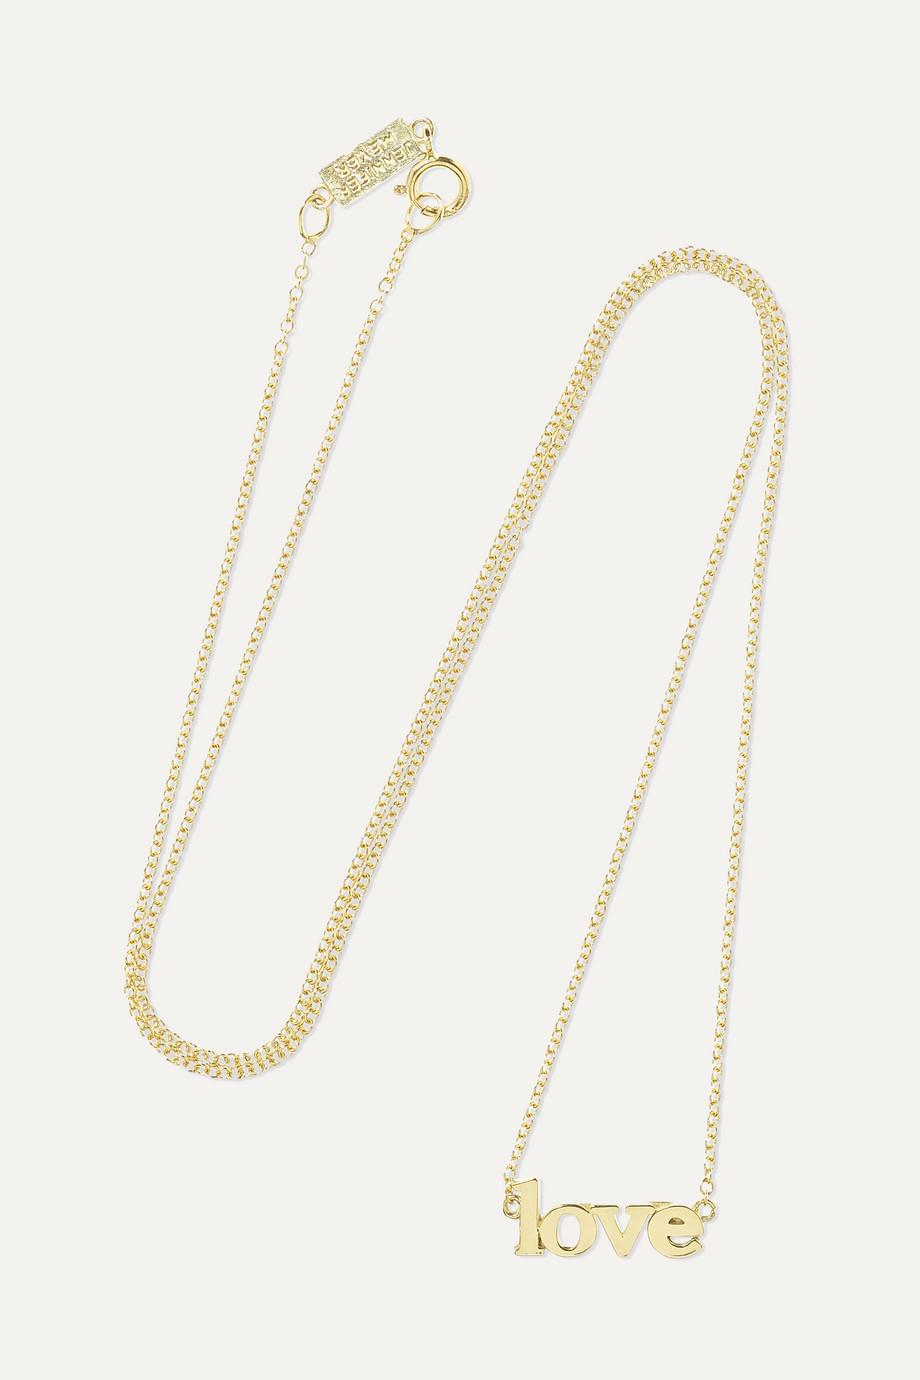 Jennifer Meyer Love 18-karat gold necklace